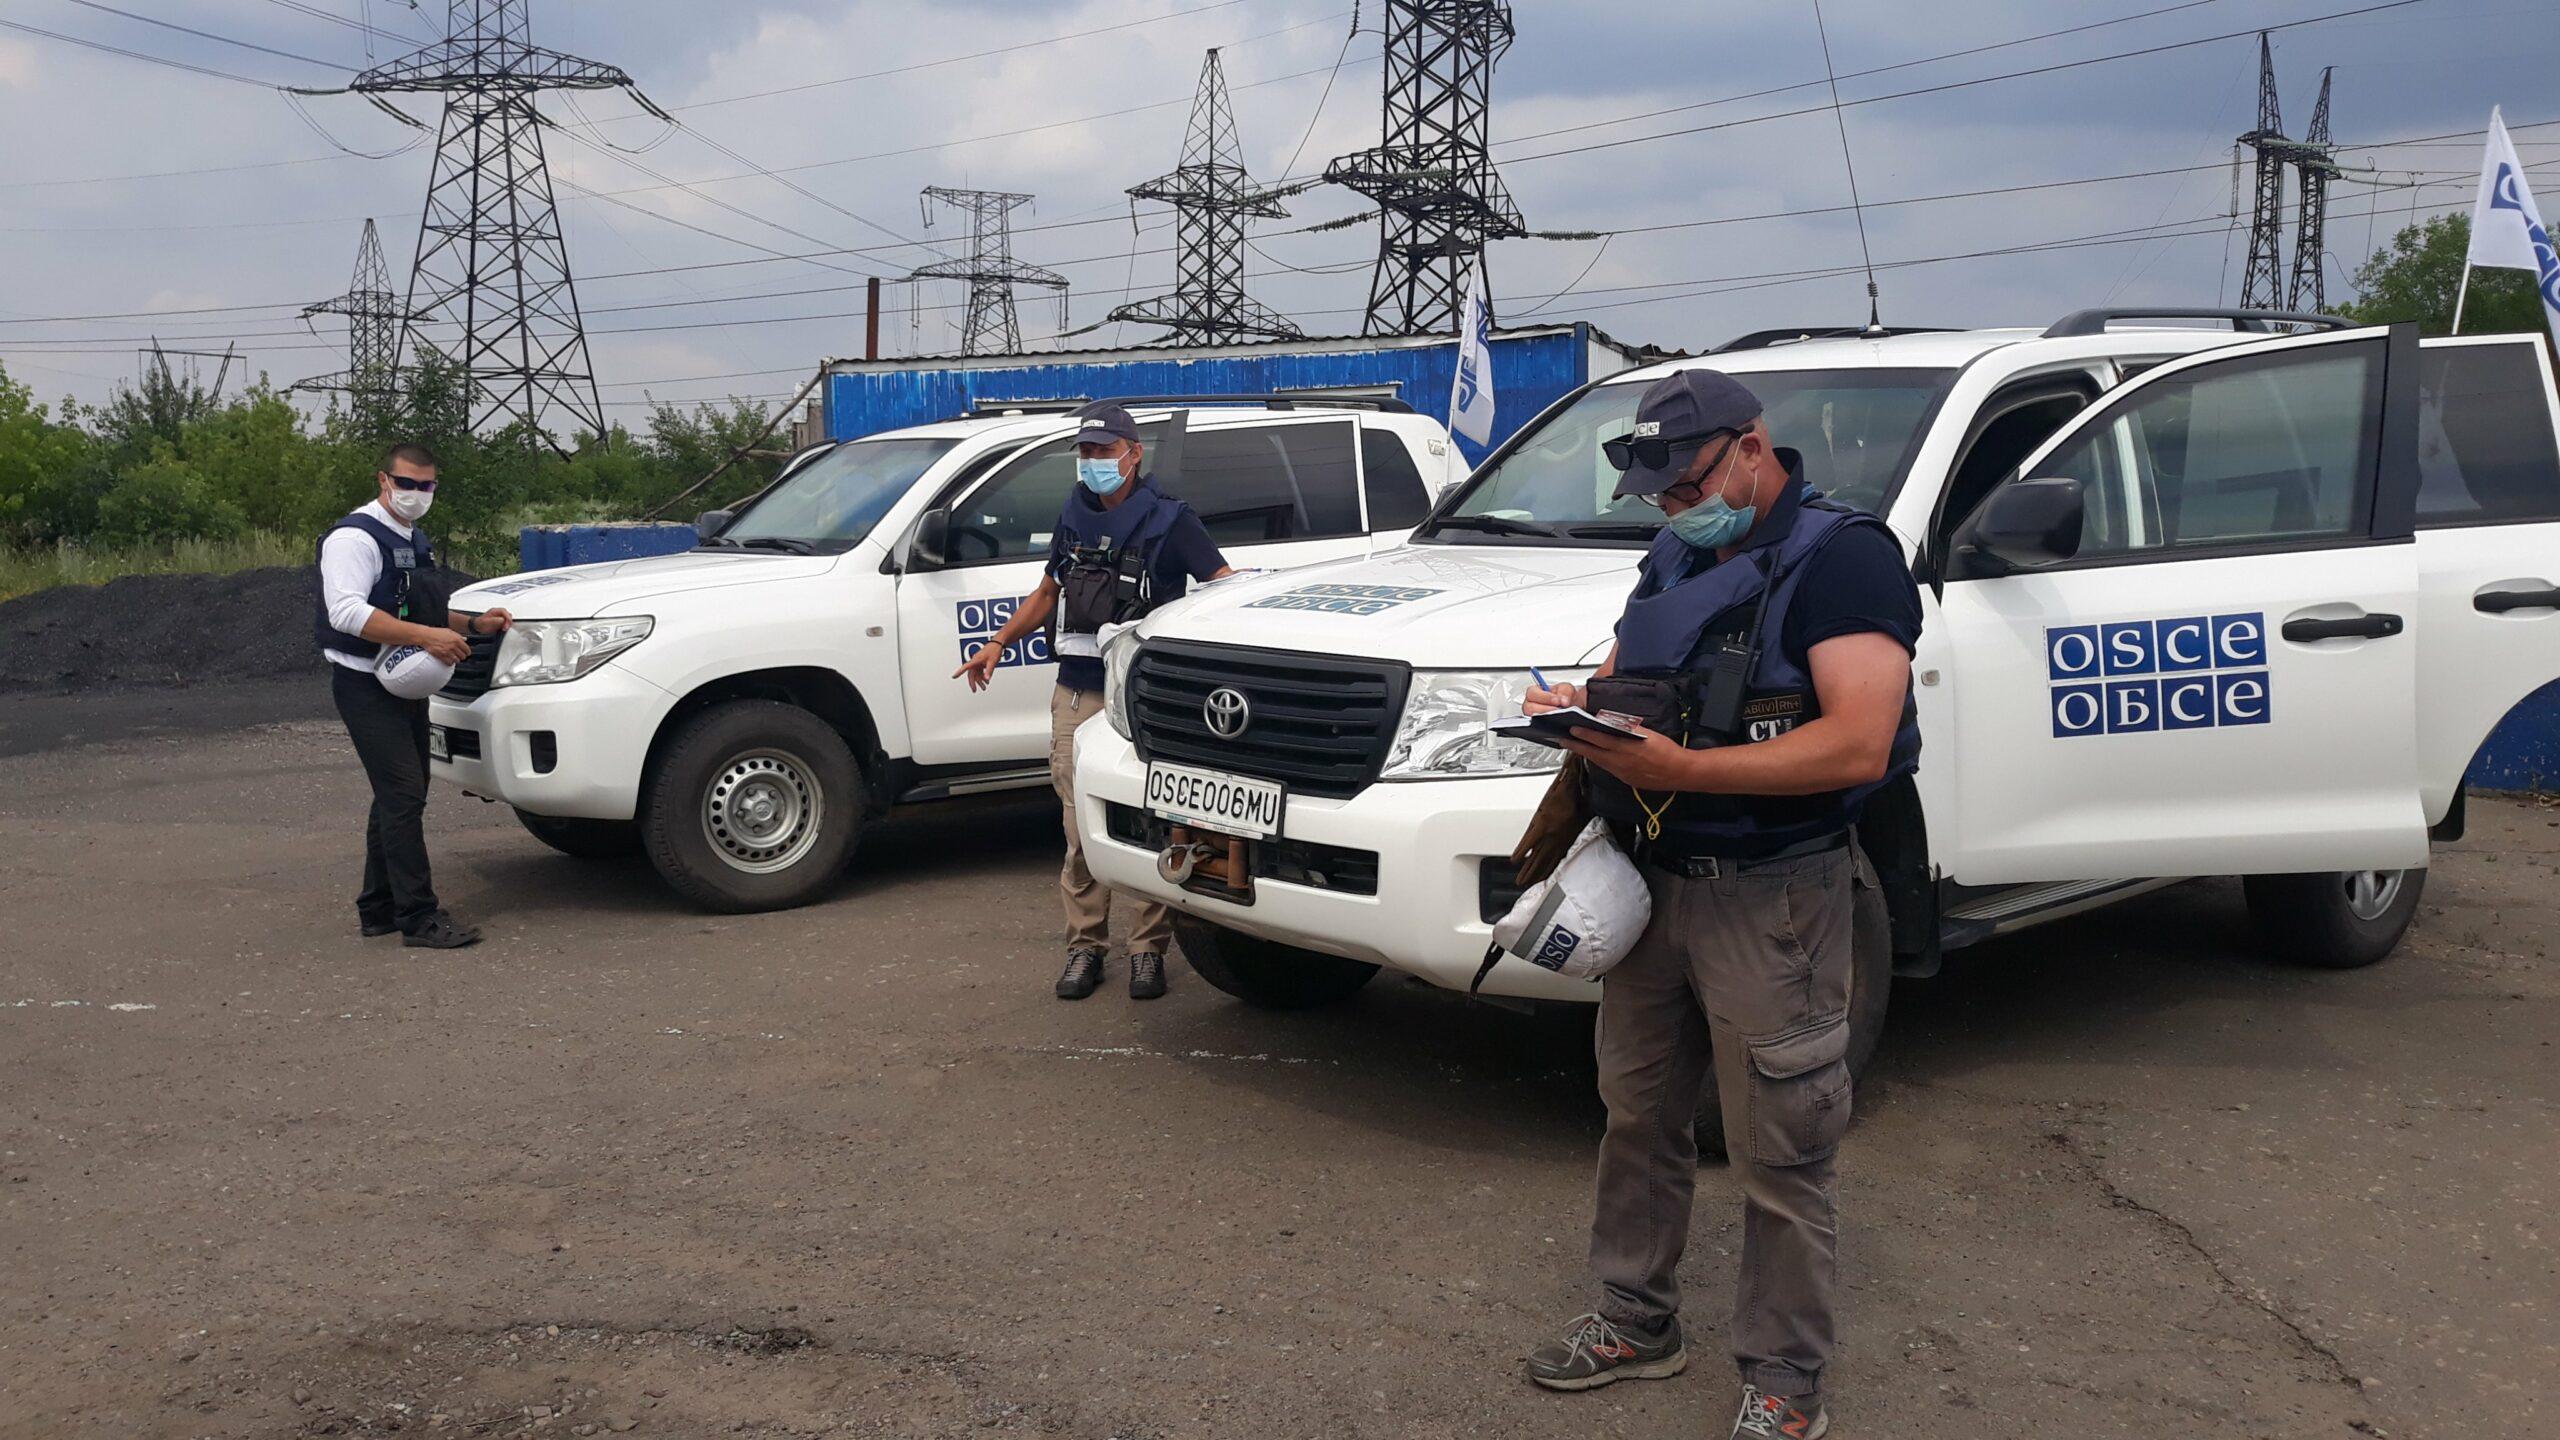 Терористи нарощують сили біля лінії зіткнення. Зафіксовано нові групи снайперів | People's project